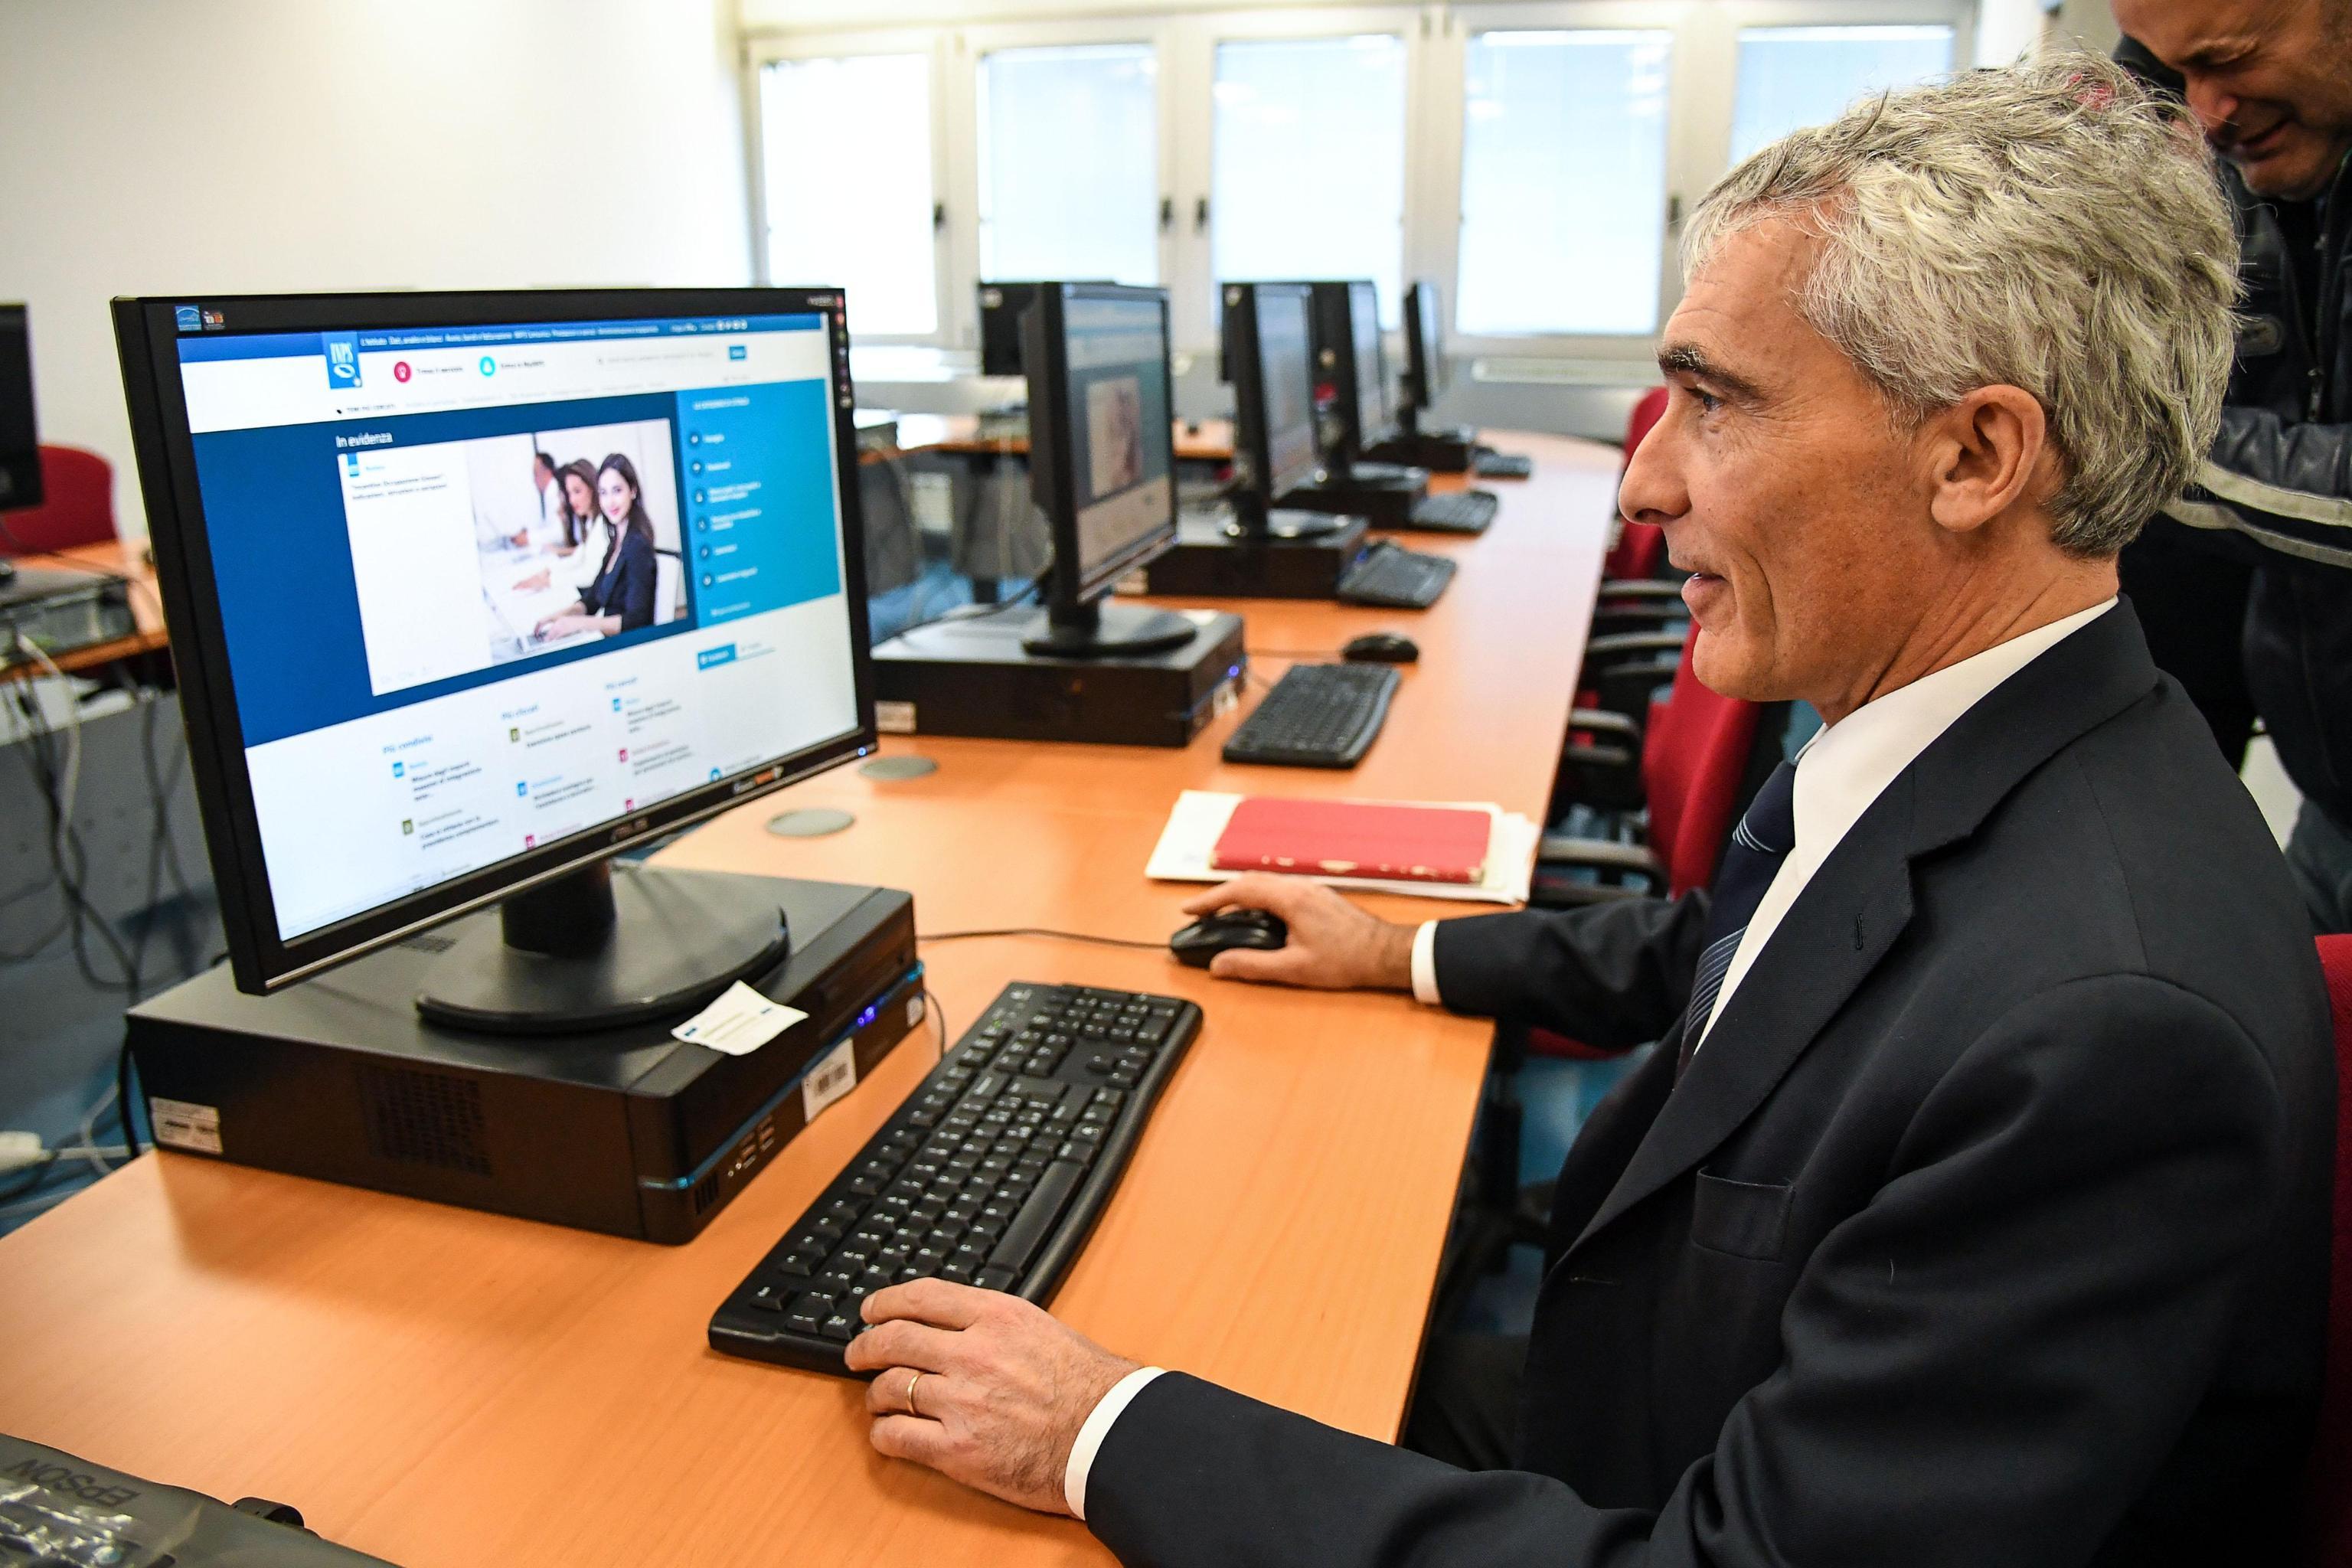 Pensioni anticipate: news sul decreto per l'APE volontaria